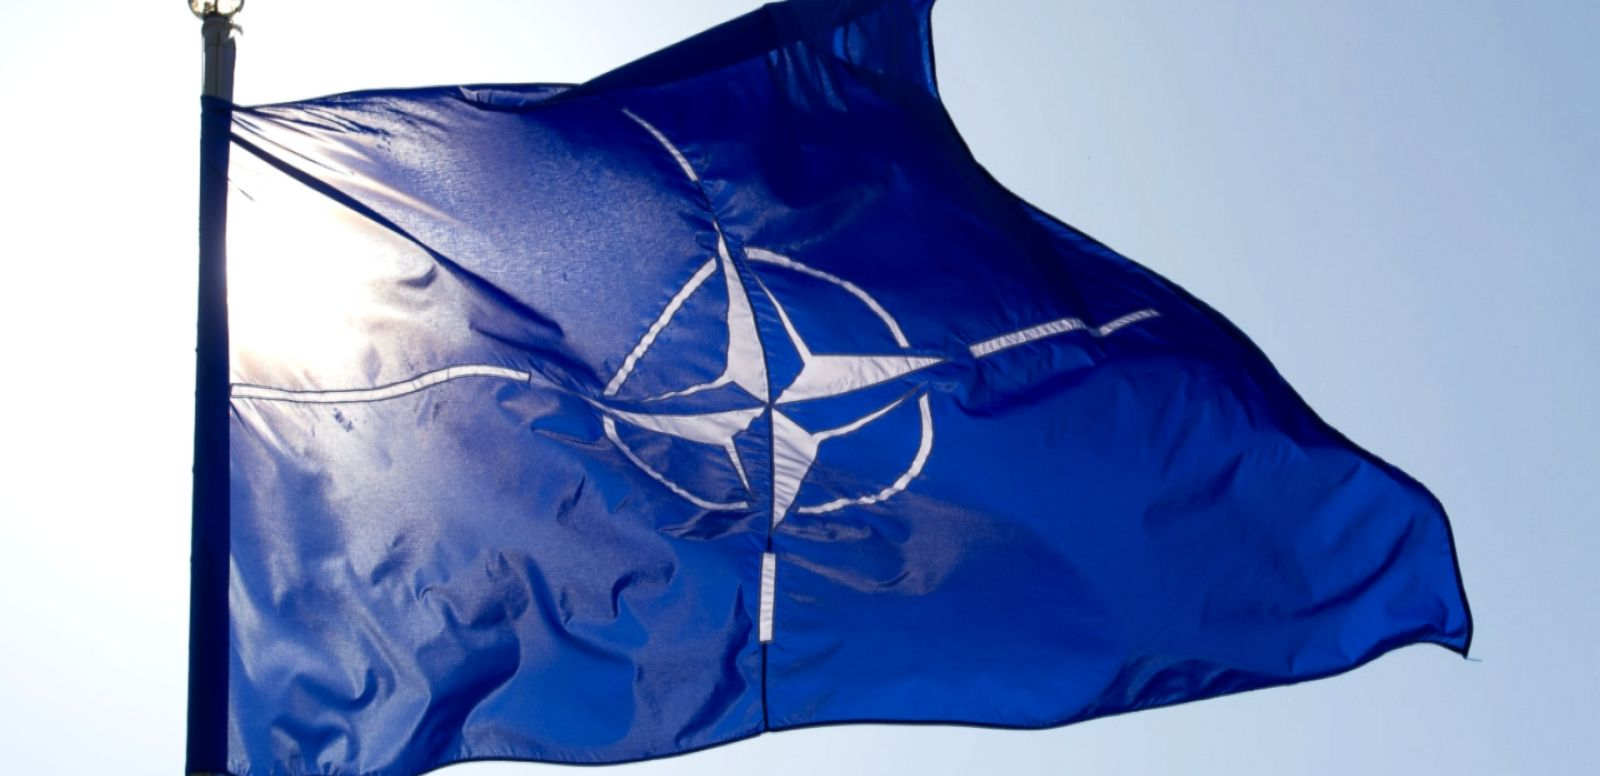 VIDEO: NATO: The Basics